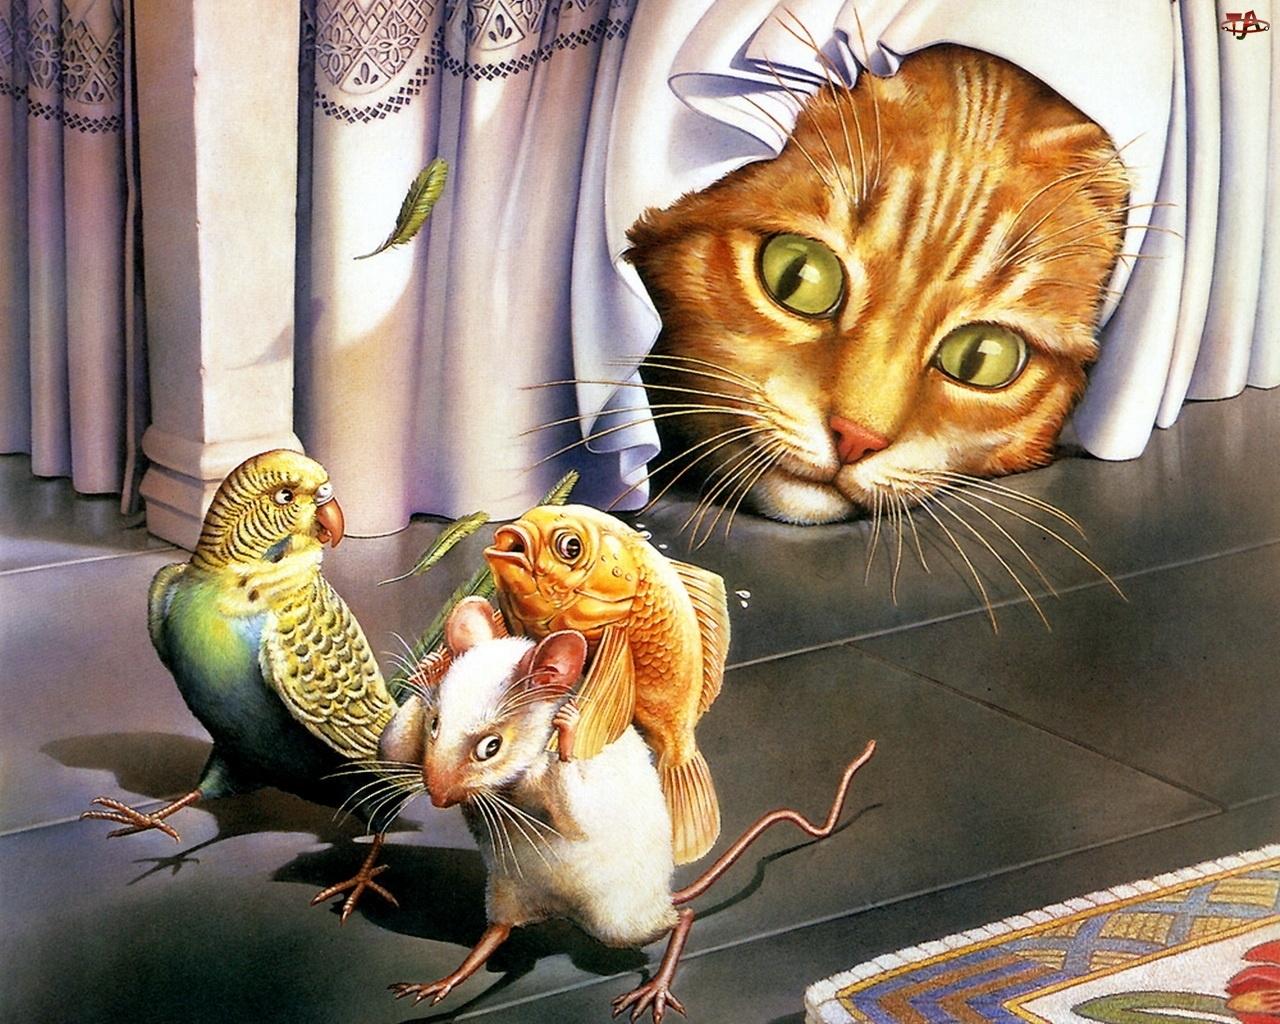 Papuga, Kot, Mysz